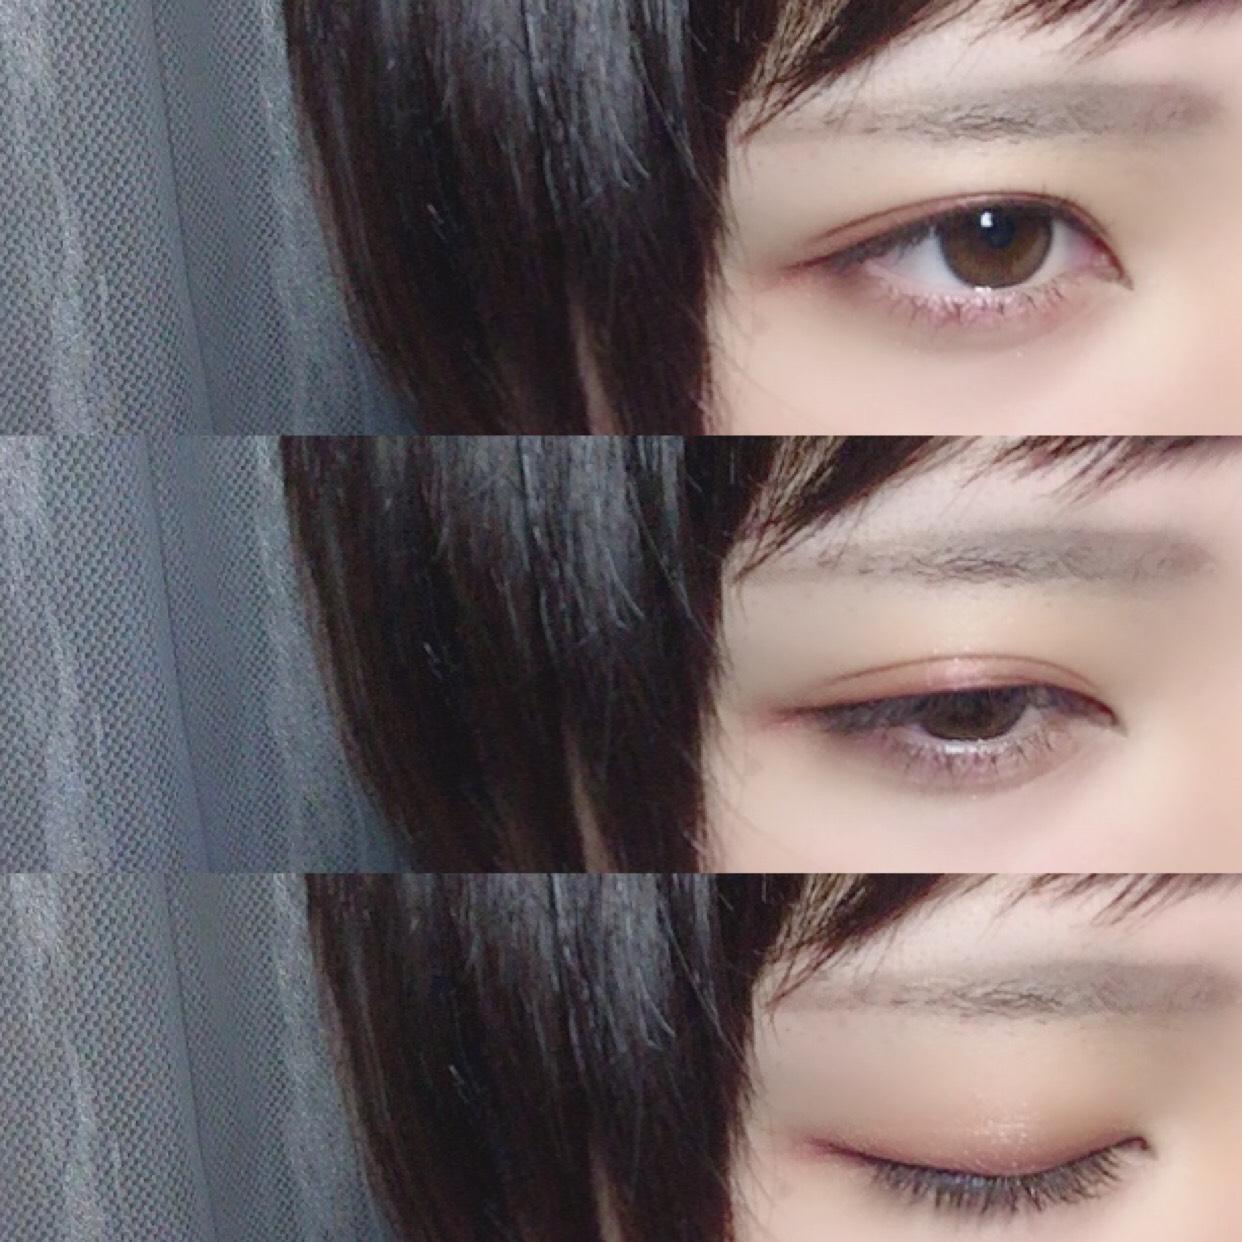 裸眼でもお目目が大きく見えます=͟͟͞͞( ¯−︎¯ )サササッ 切開ラインも足してみました!!参考にしていただければ!!幸いです!!